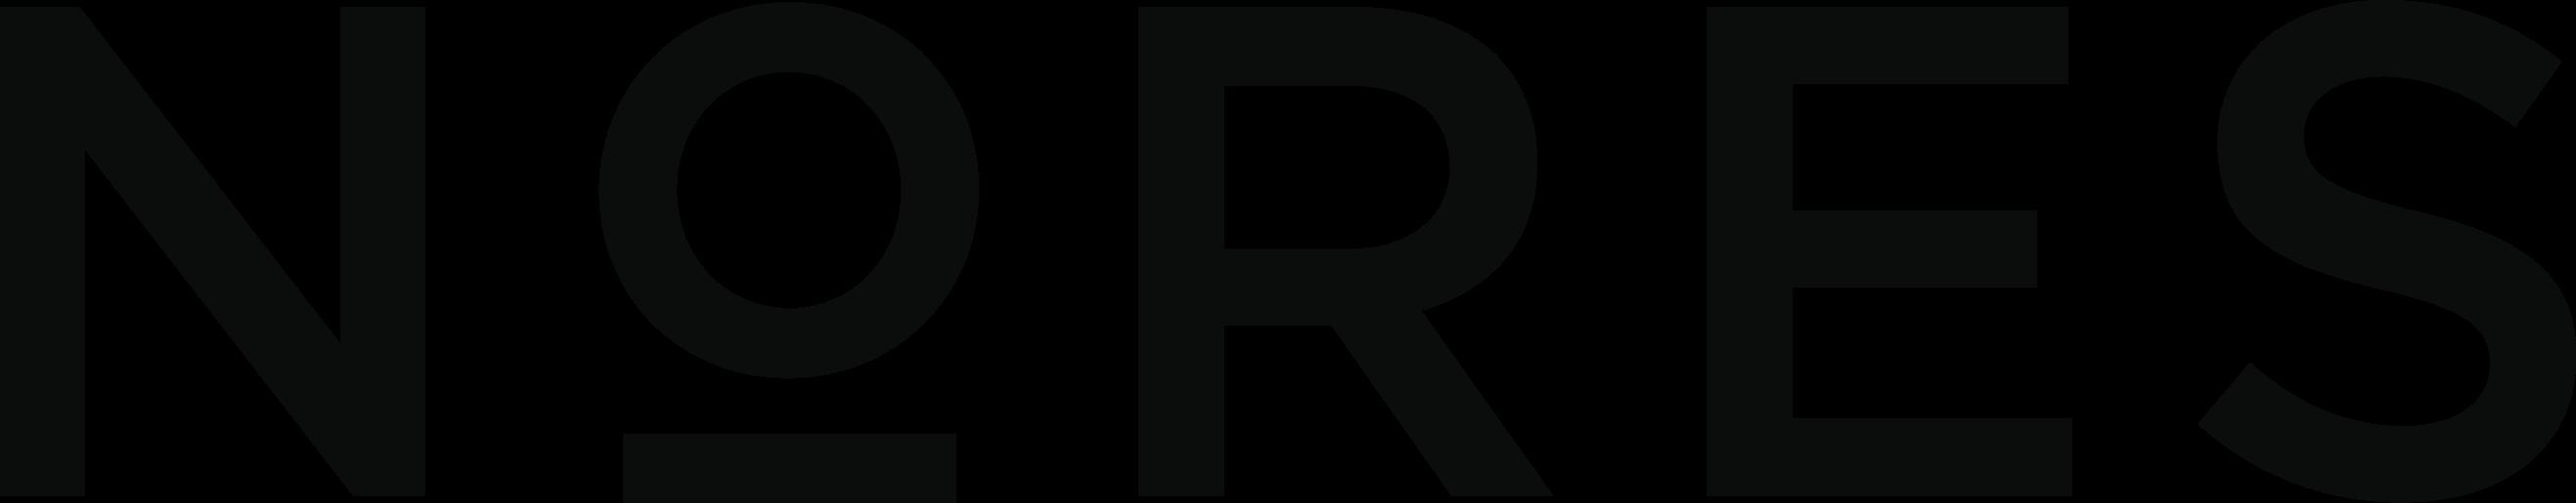 Nores's logo.